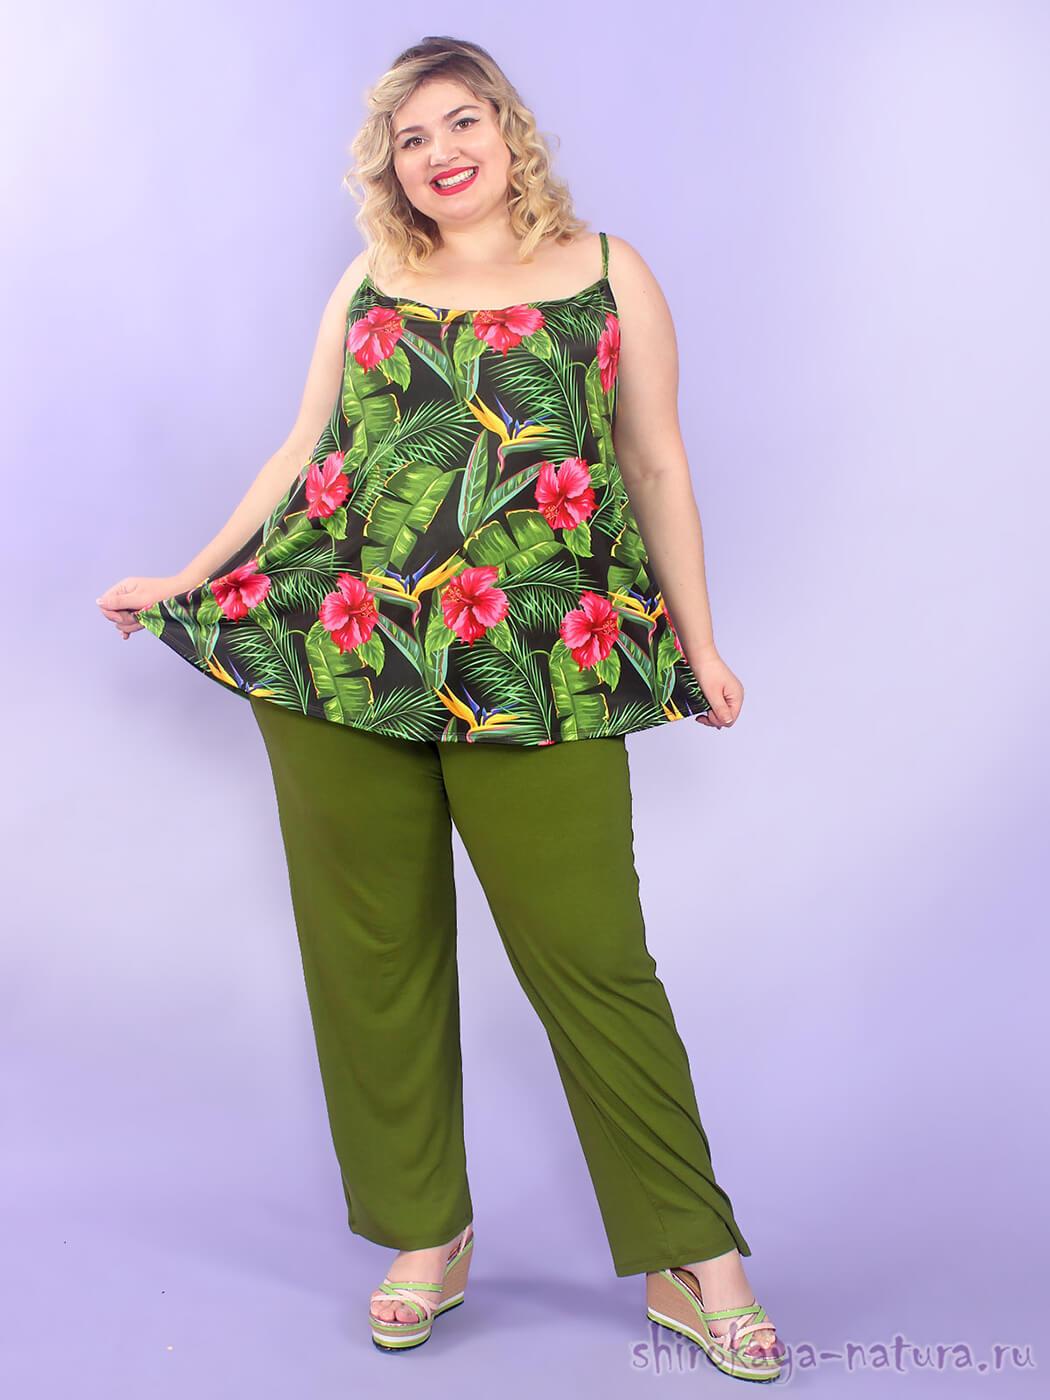 Оливковые триктажные брюки 76 размер